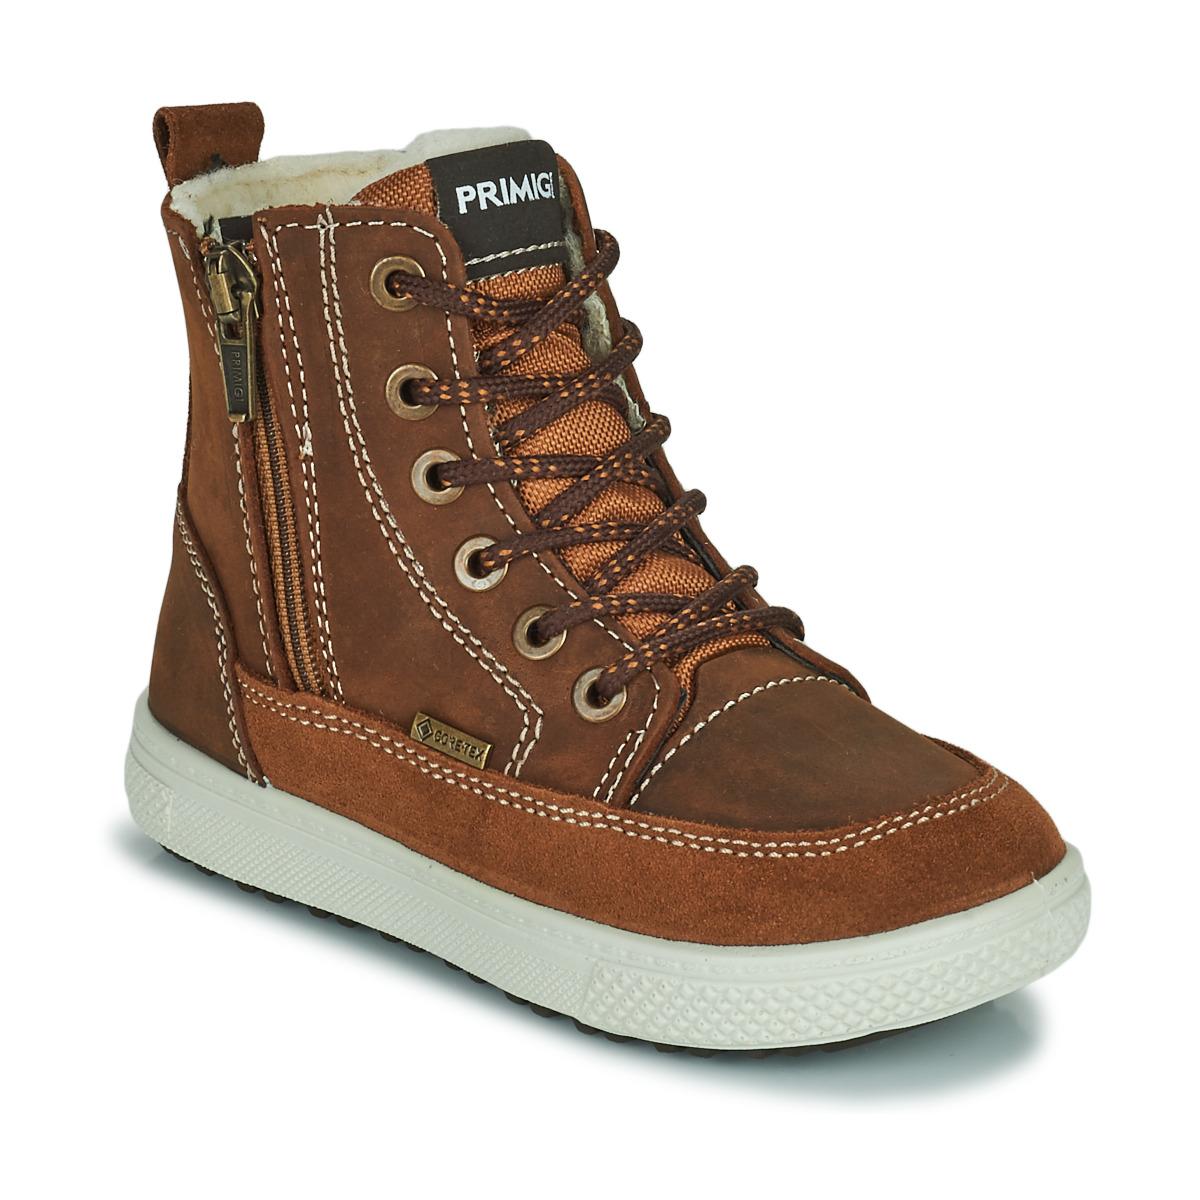 Støvler til børn Primigi  PCA 24130